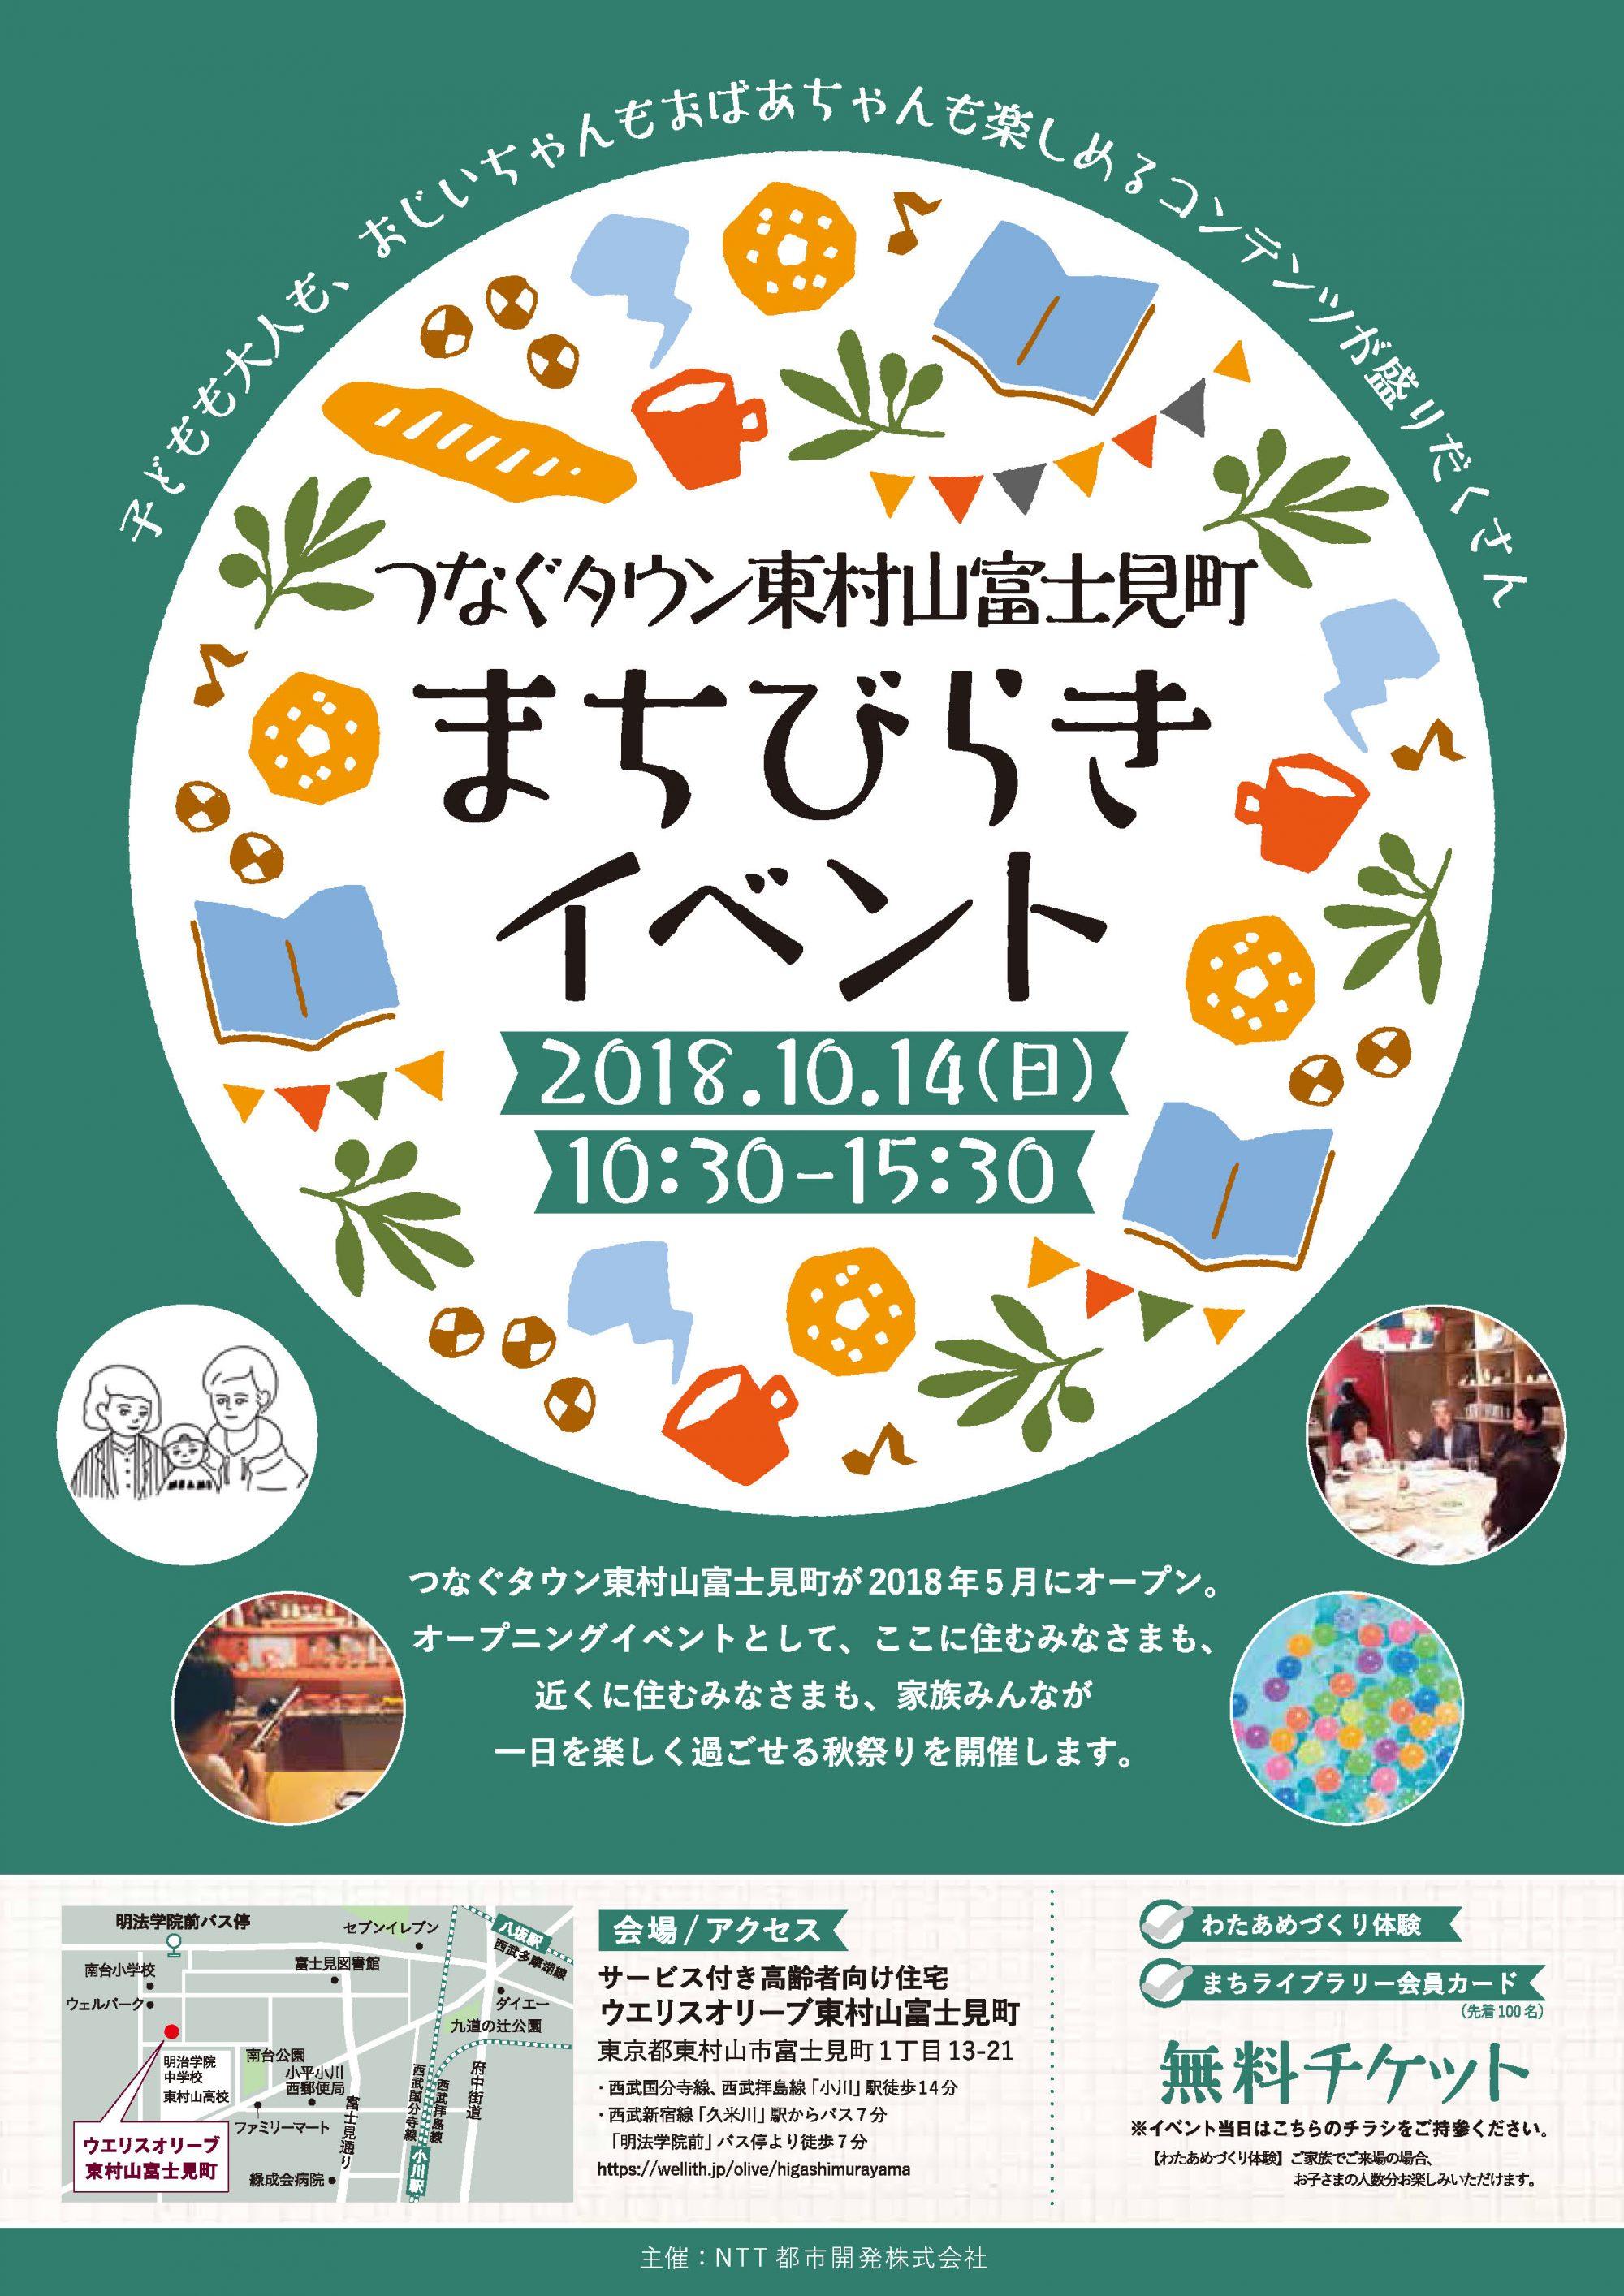 10月14日 日 つなぐタウン東村山富士見町で まちびらきイベント を